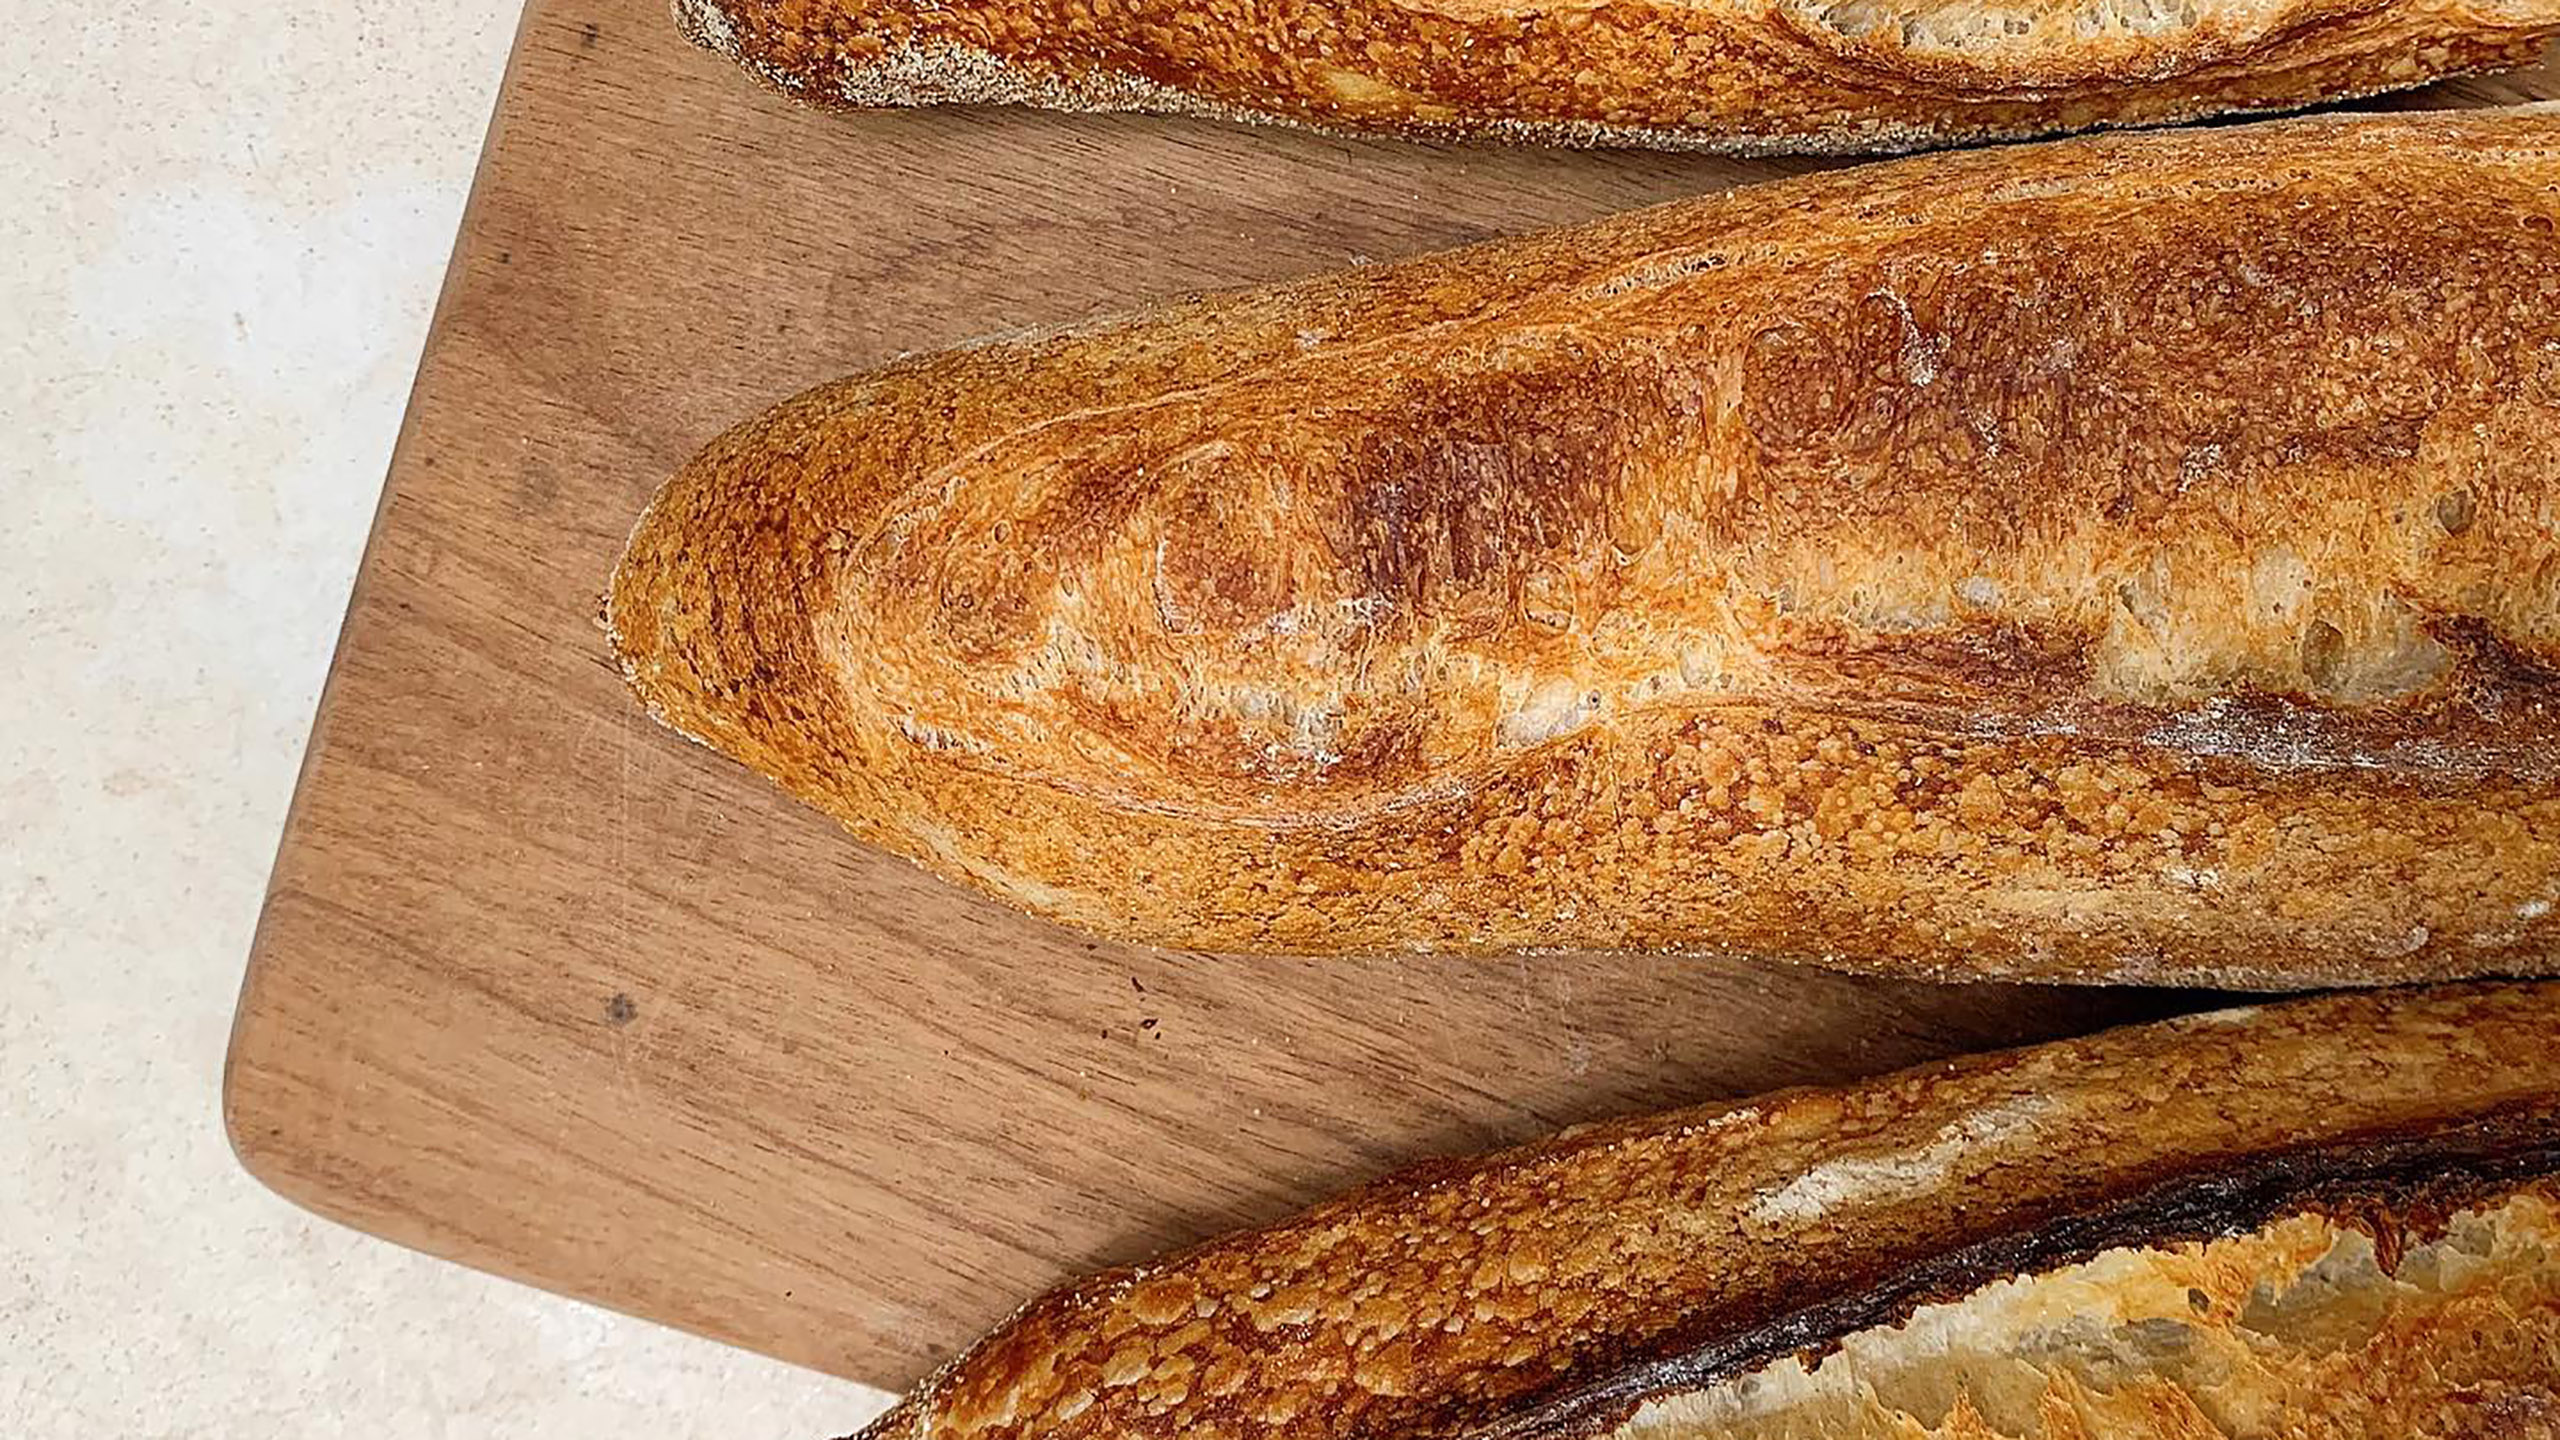 panadería, pan, masa, masa madre, panadería en mérida